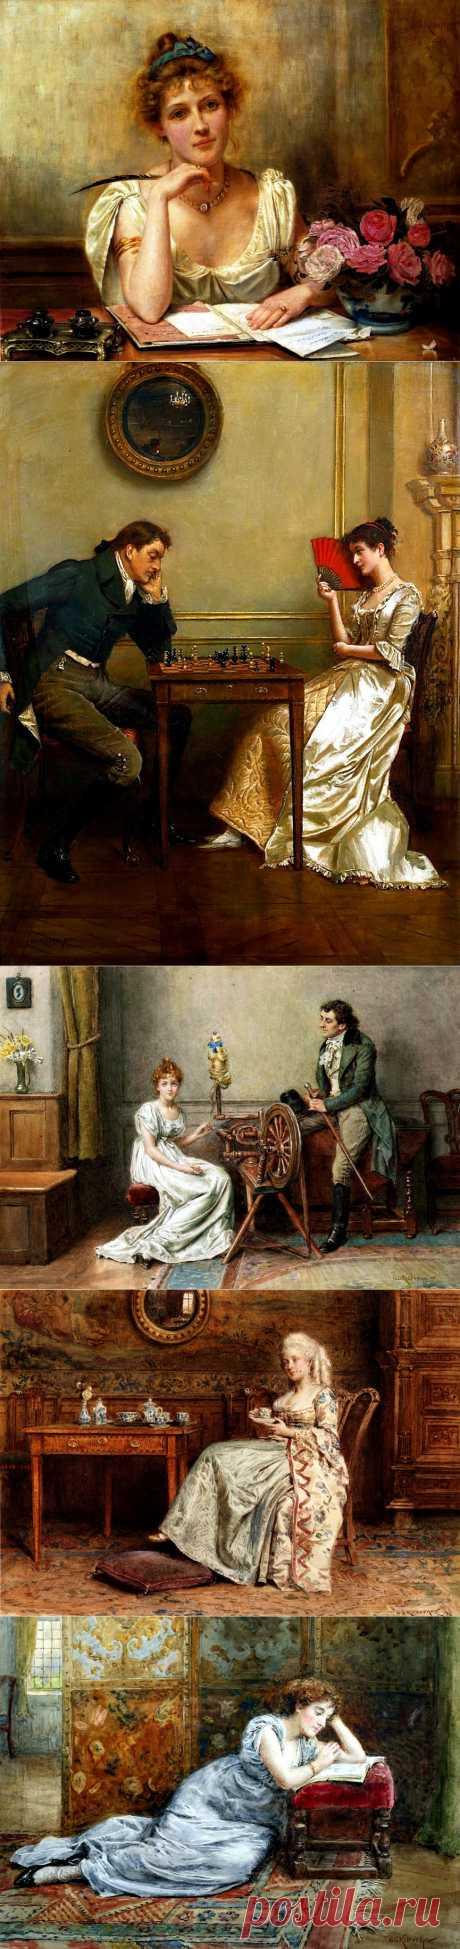 Английский живописец George Goodwin Kilburne (1839-1924)